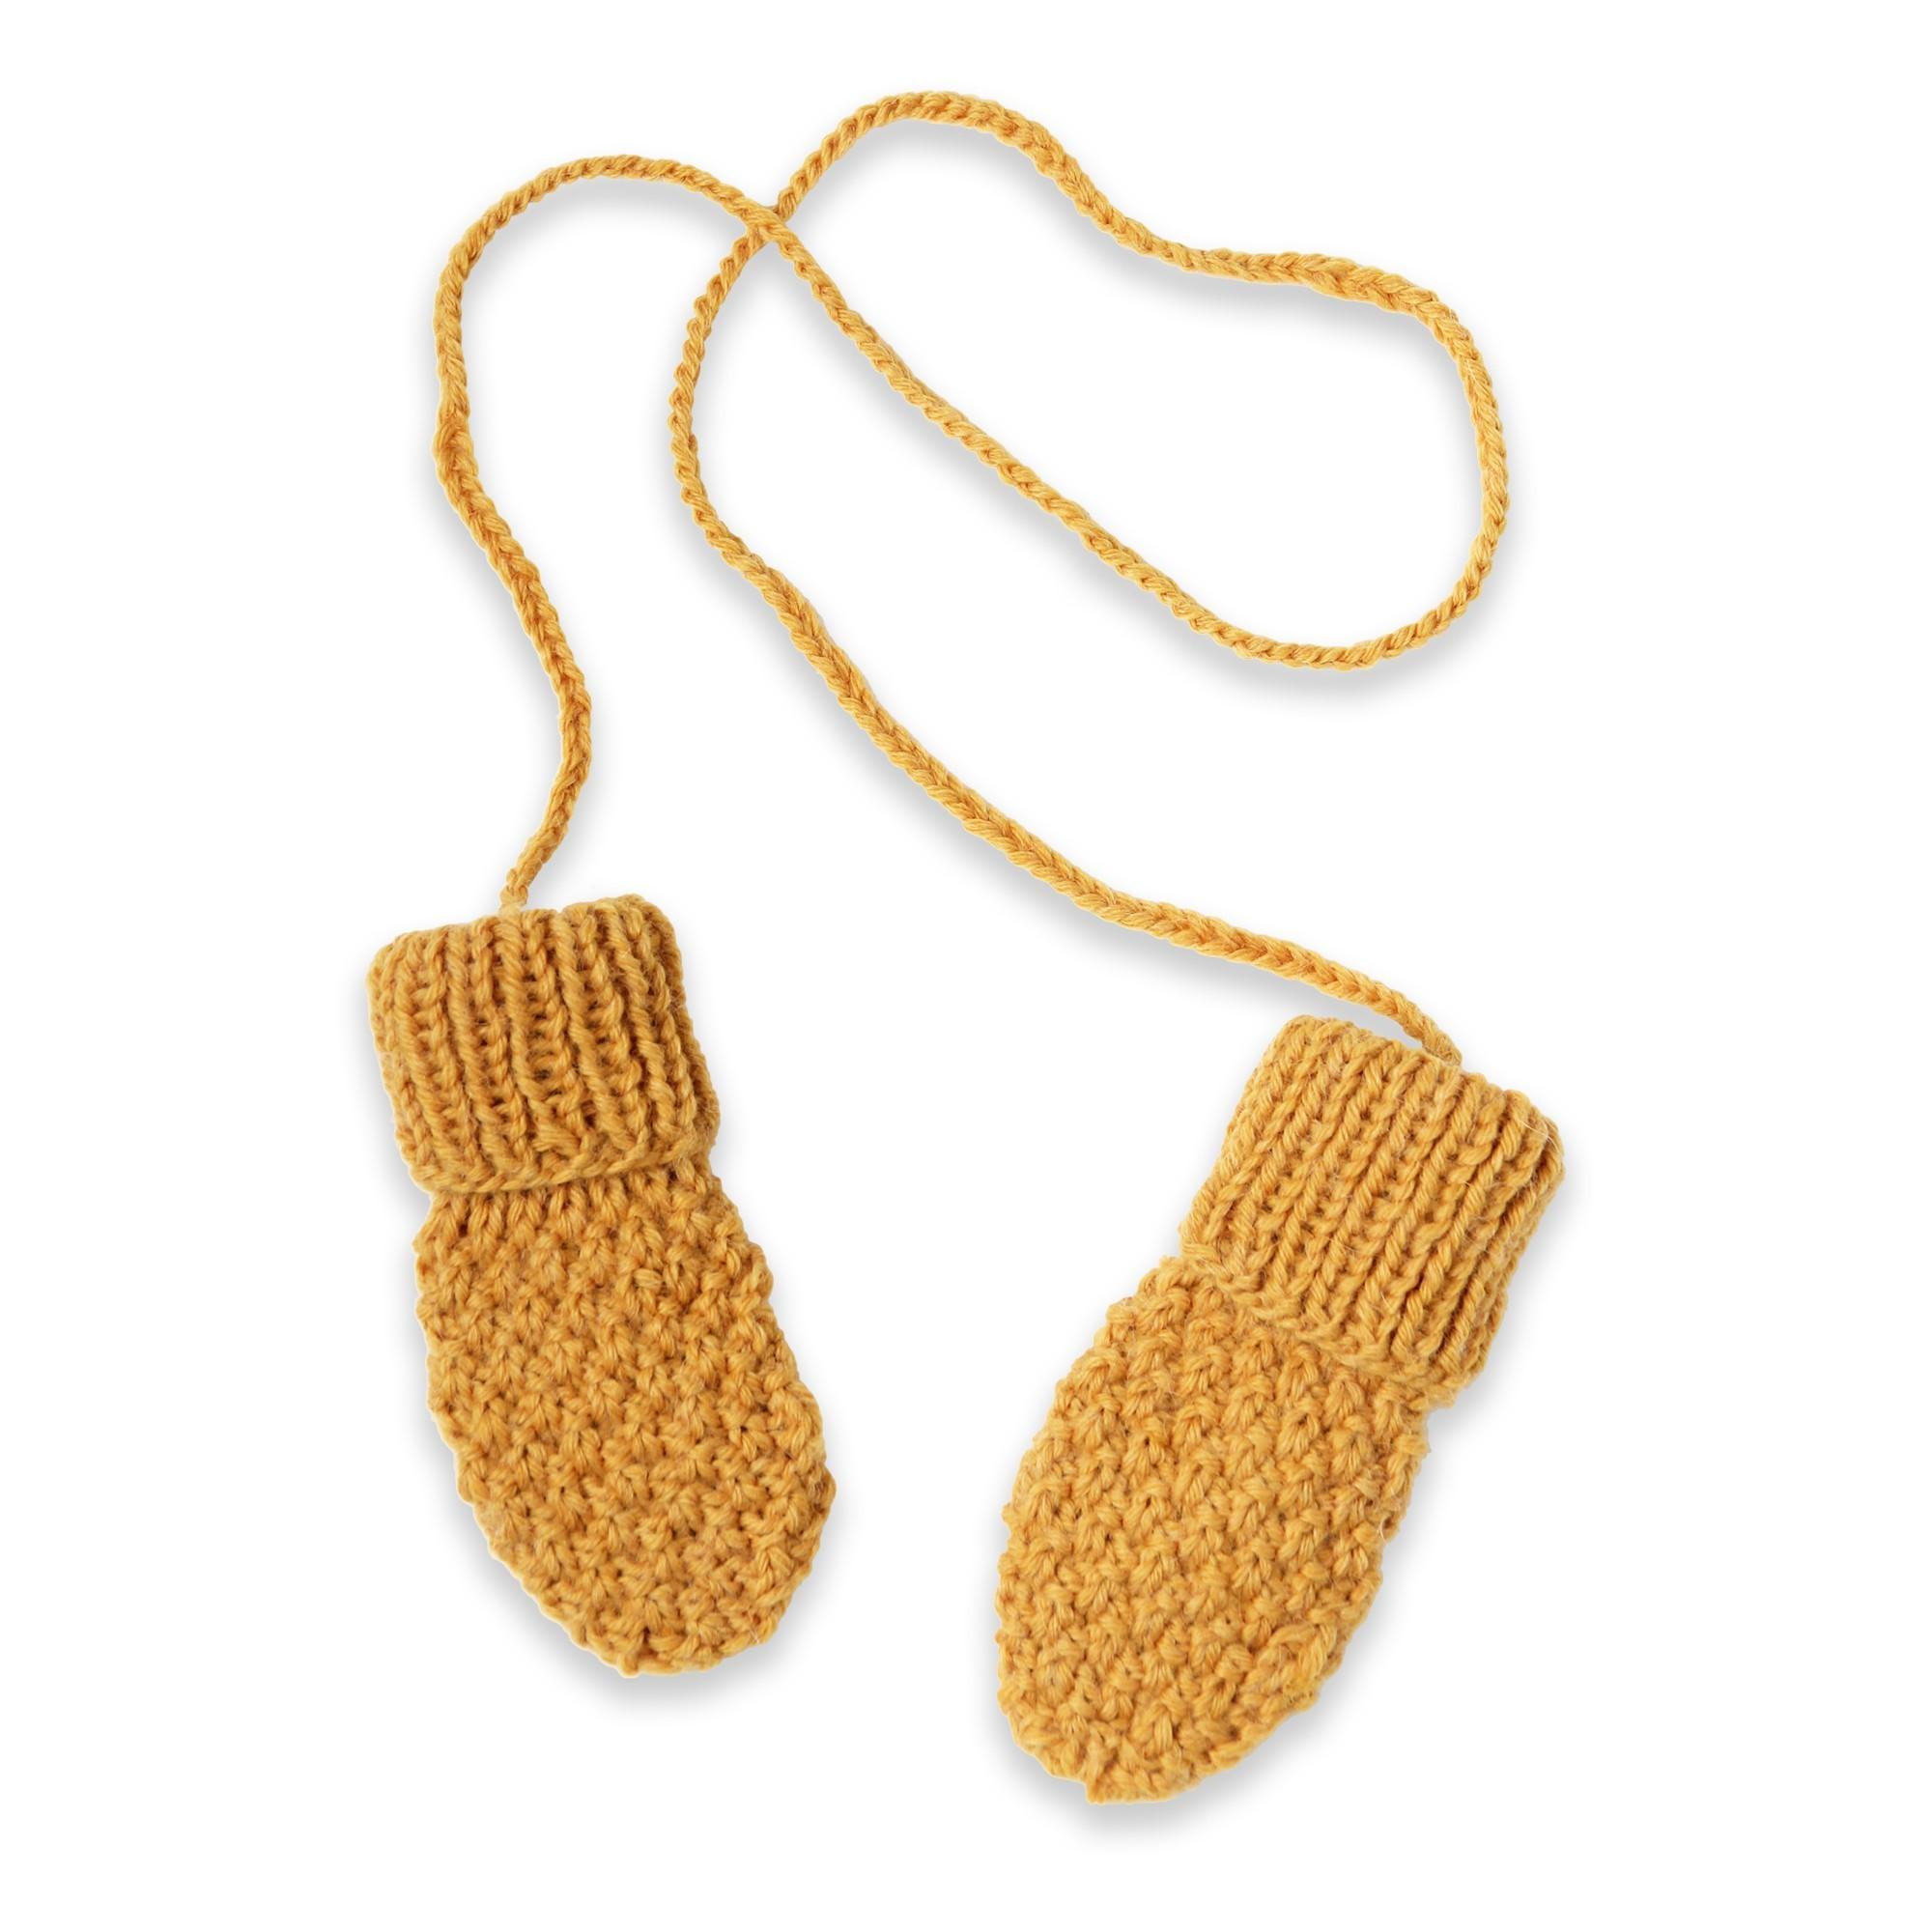 Gants   moufles bébé jaune en laine et alpaga tricoté au point de blé 6685db66d2c